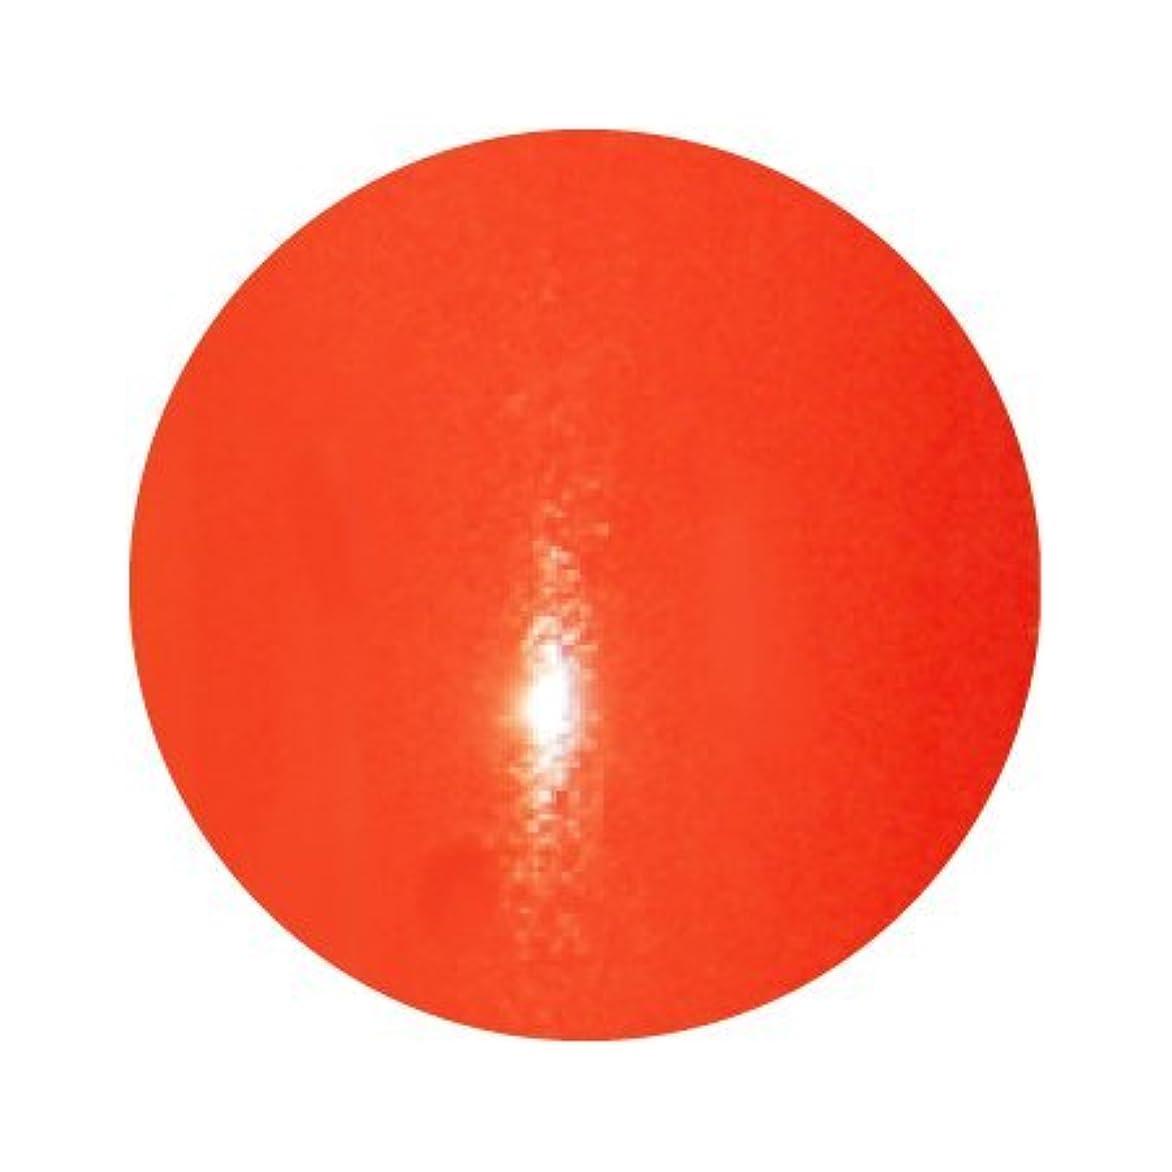 ジェルネイル カラージェル プリジェル PREGEL スーパーカラーEX PG-SE811 マリーゴールド 3g